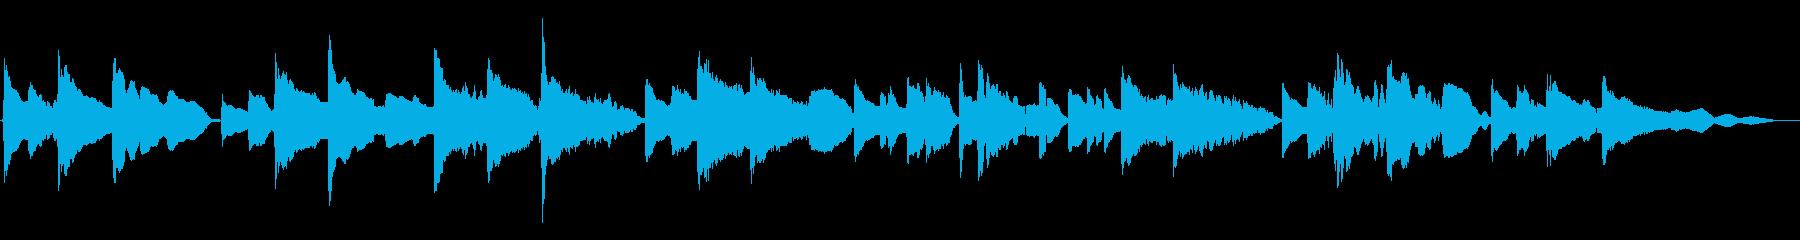 琴線に触れるメロディーのサックス重奏曲の再生済みの波形